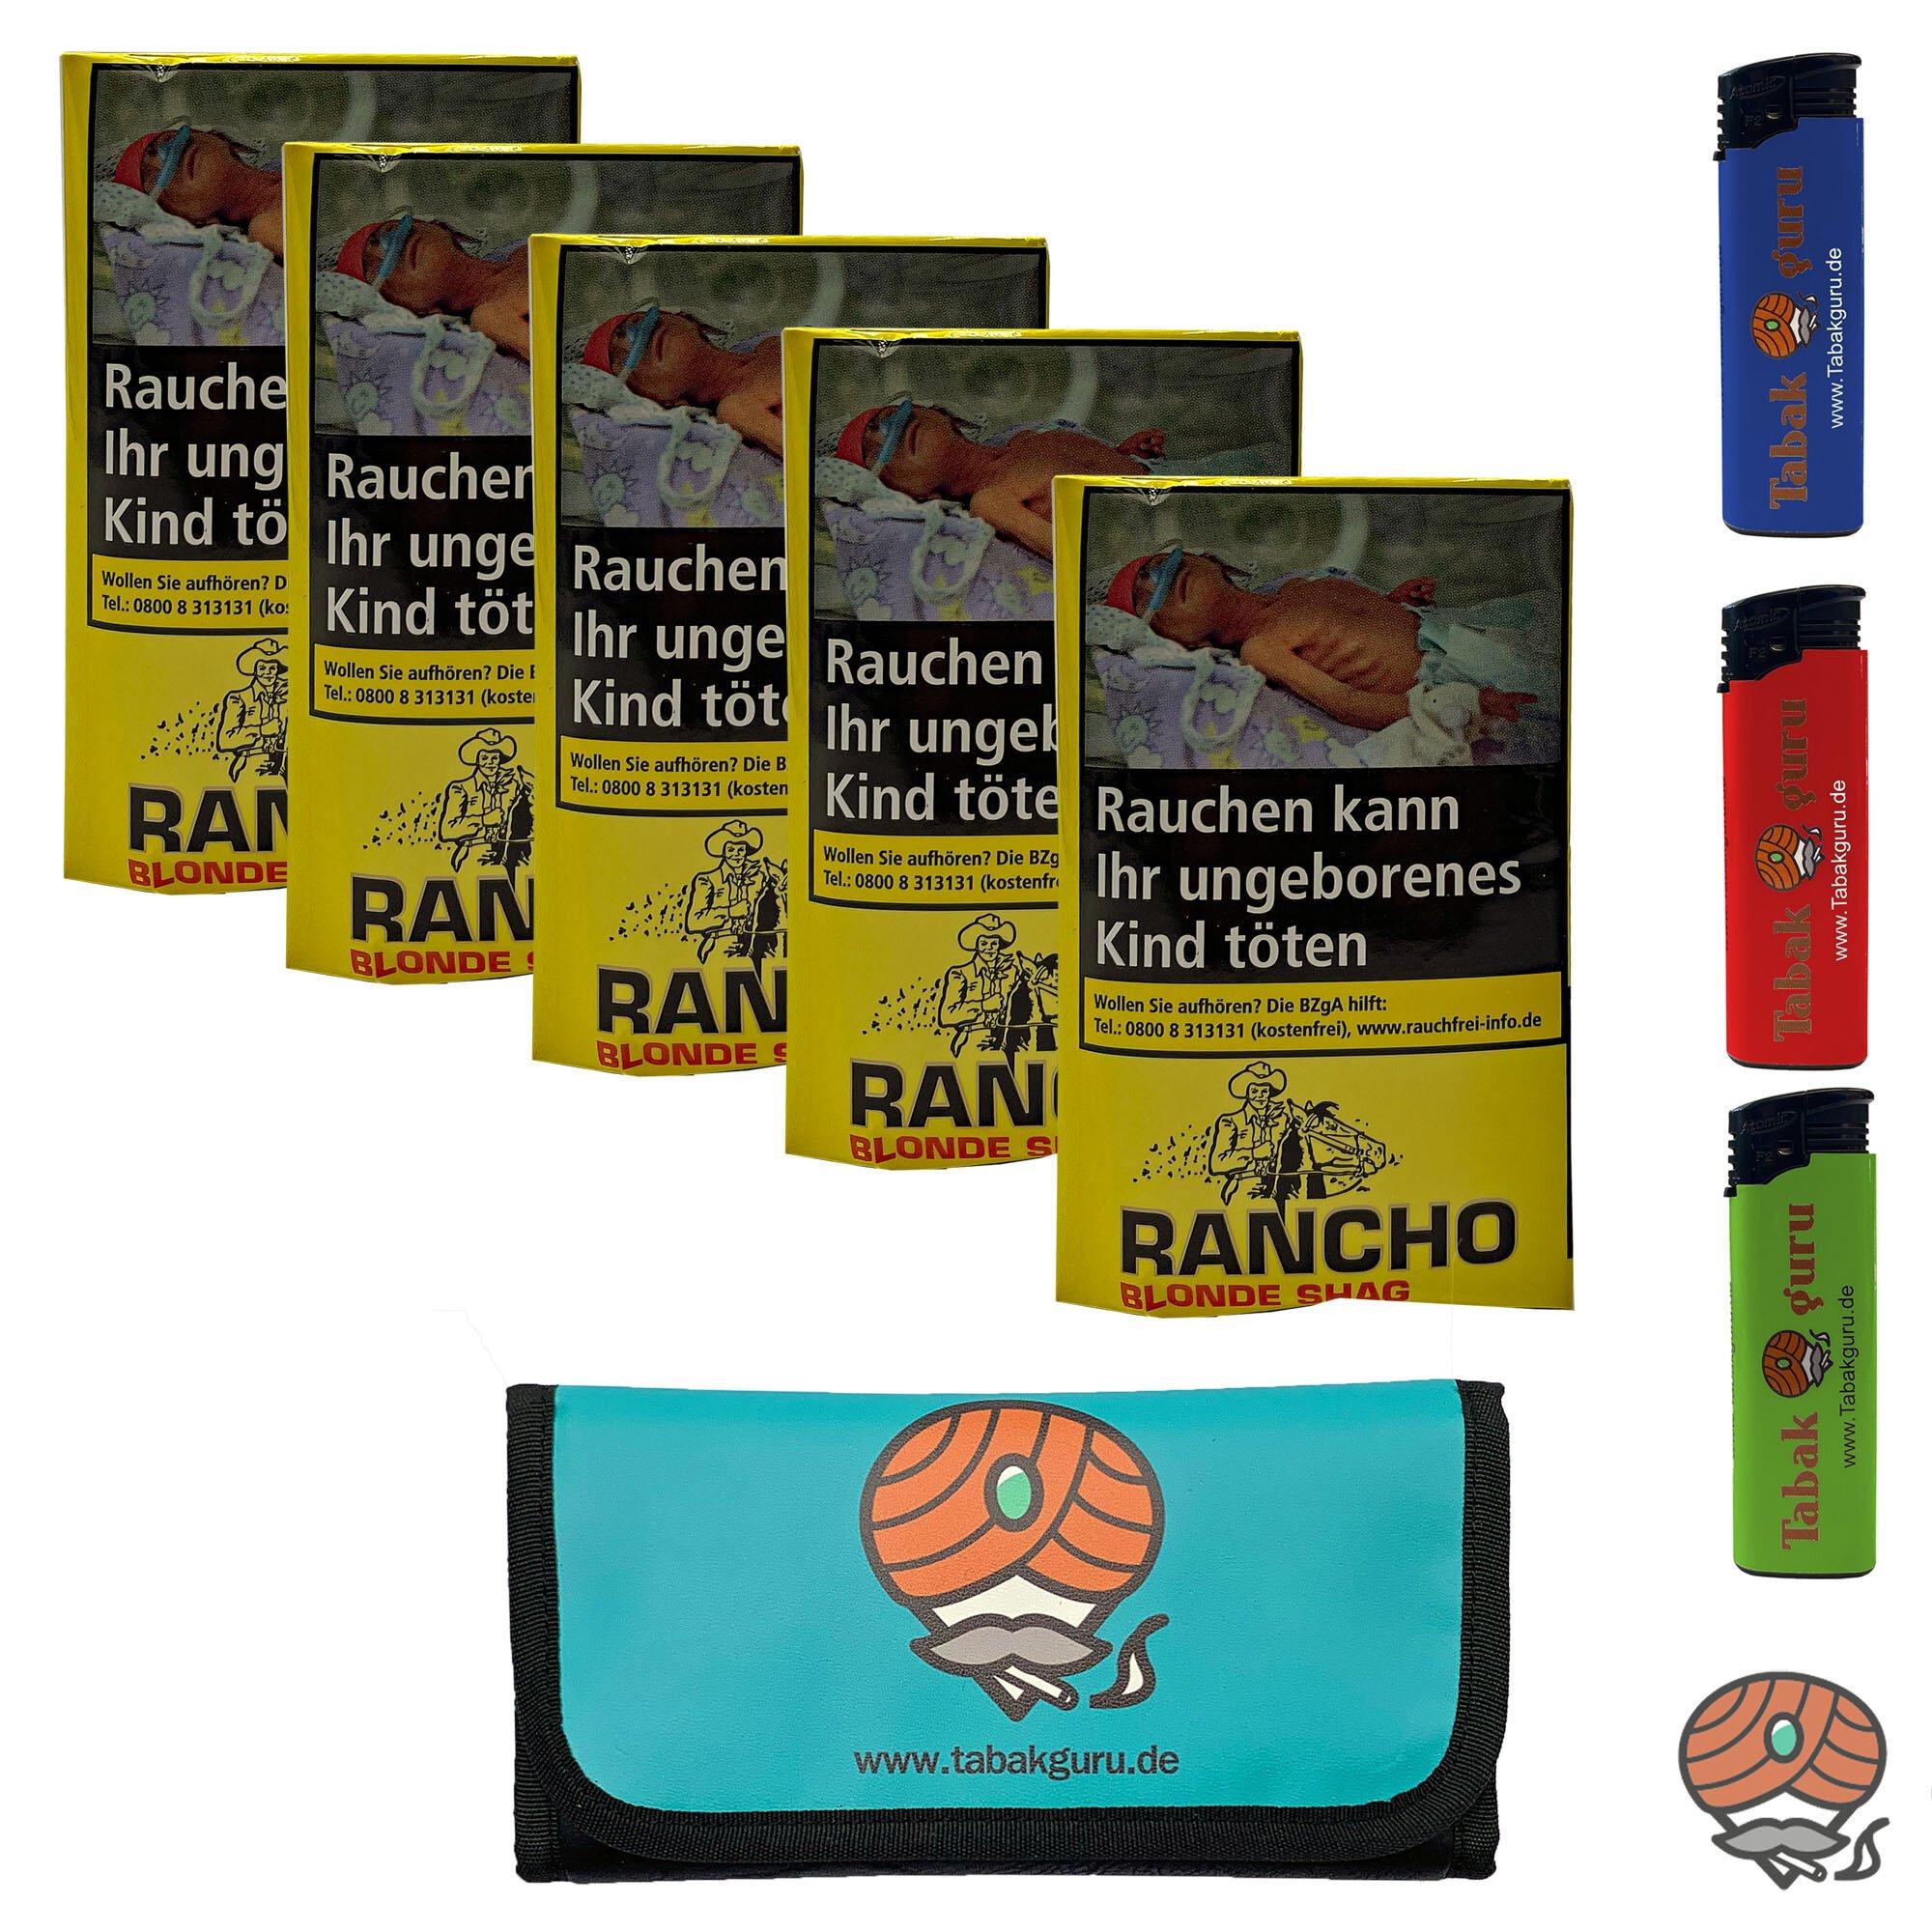 5x Rancho Blonde Shag Zigarettentabak à 40g Beutel / Pouch + Zubehör